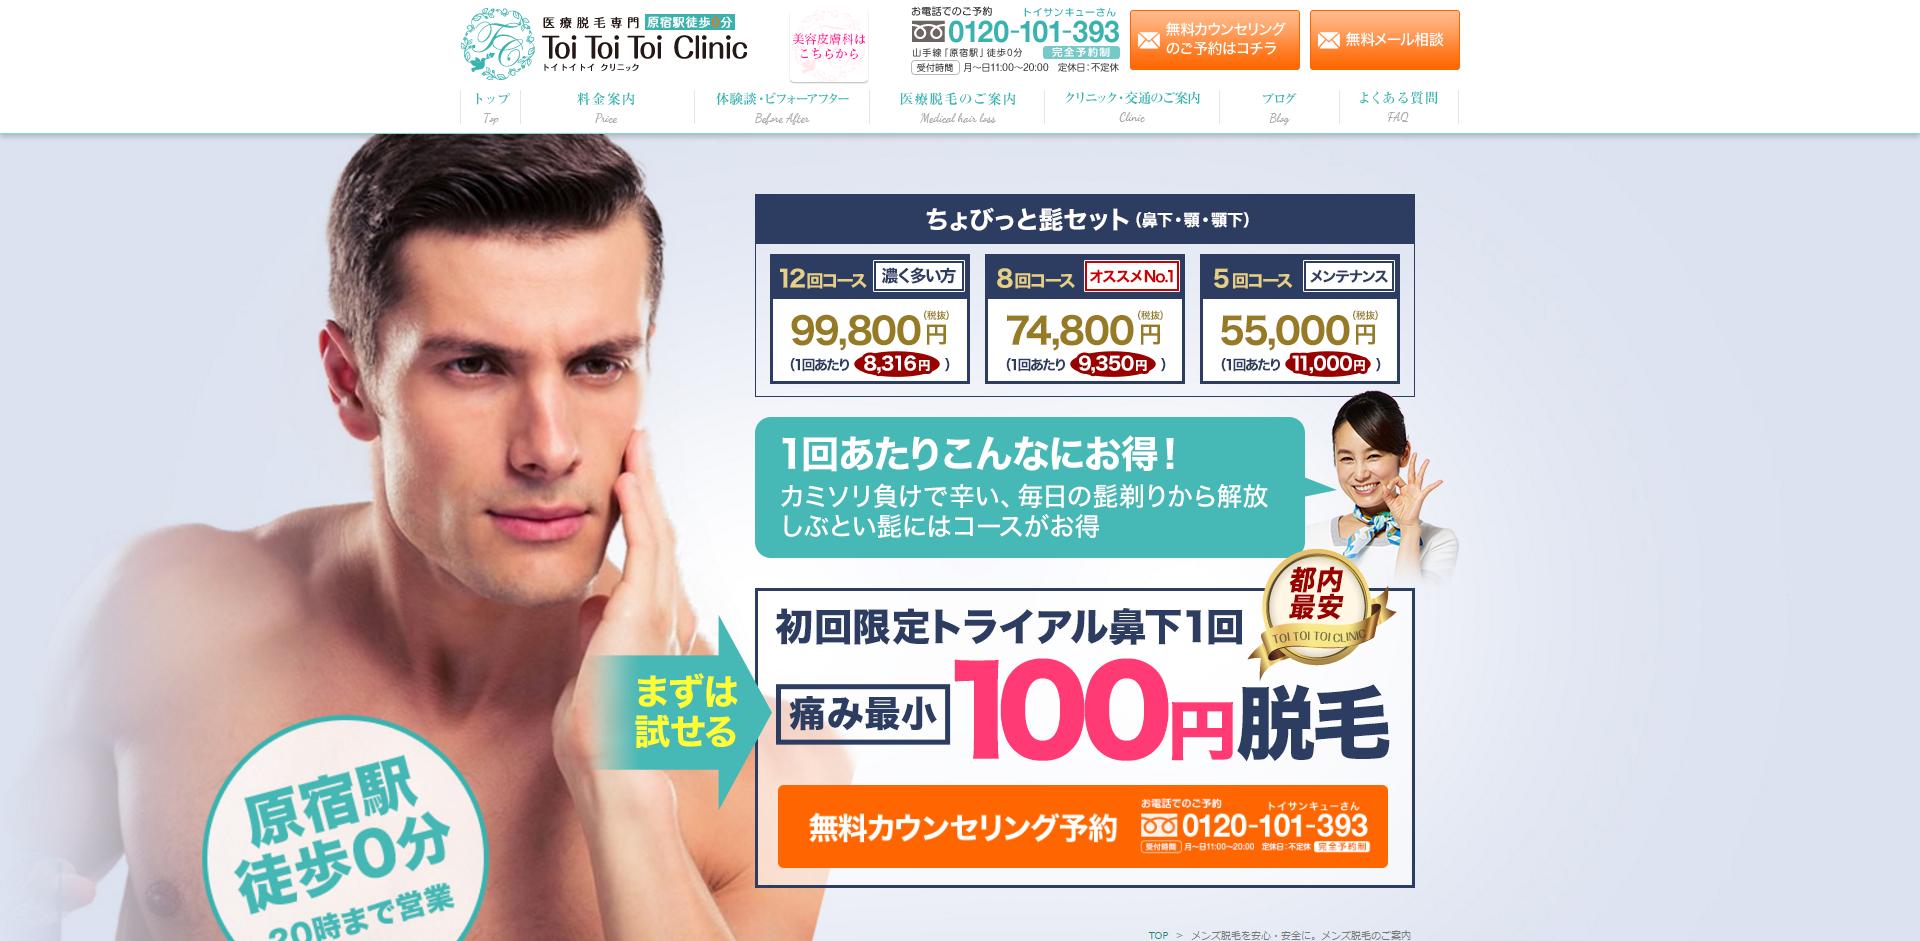 メンズ脱毛を安心安全に|髭脱毛・ヒゲ脱毛|男性の医療レーザー脱毛ならトイトイトイクリニック